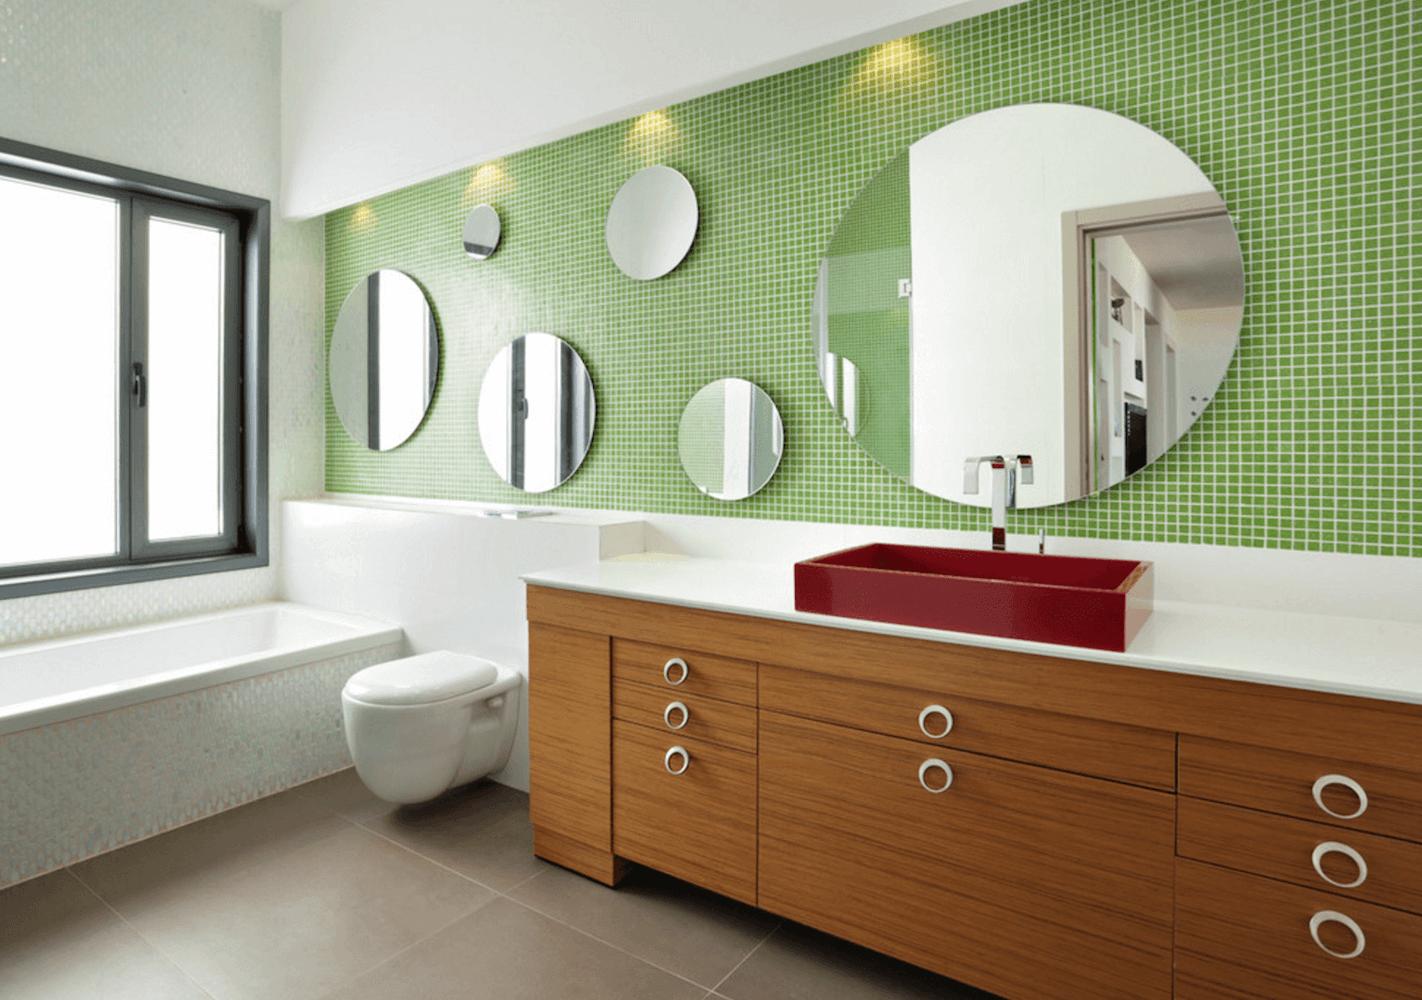 Круглые зеркала разной величины в интерьере ванной комнаты